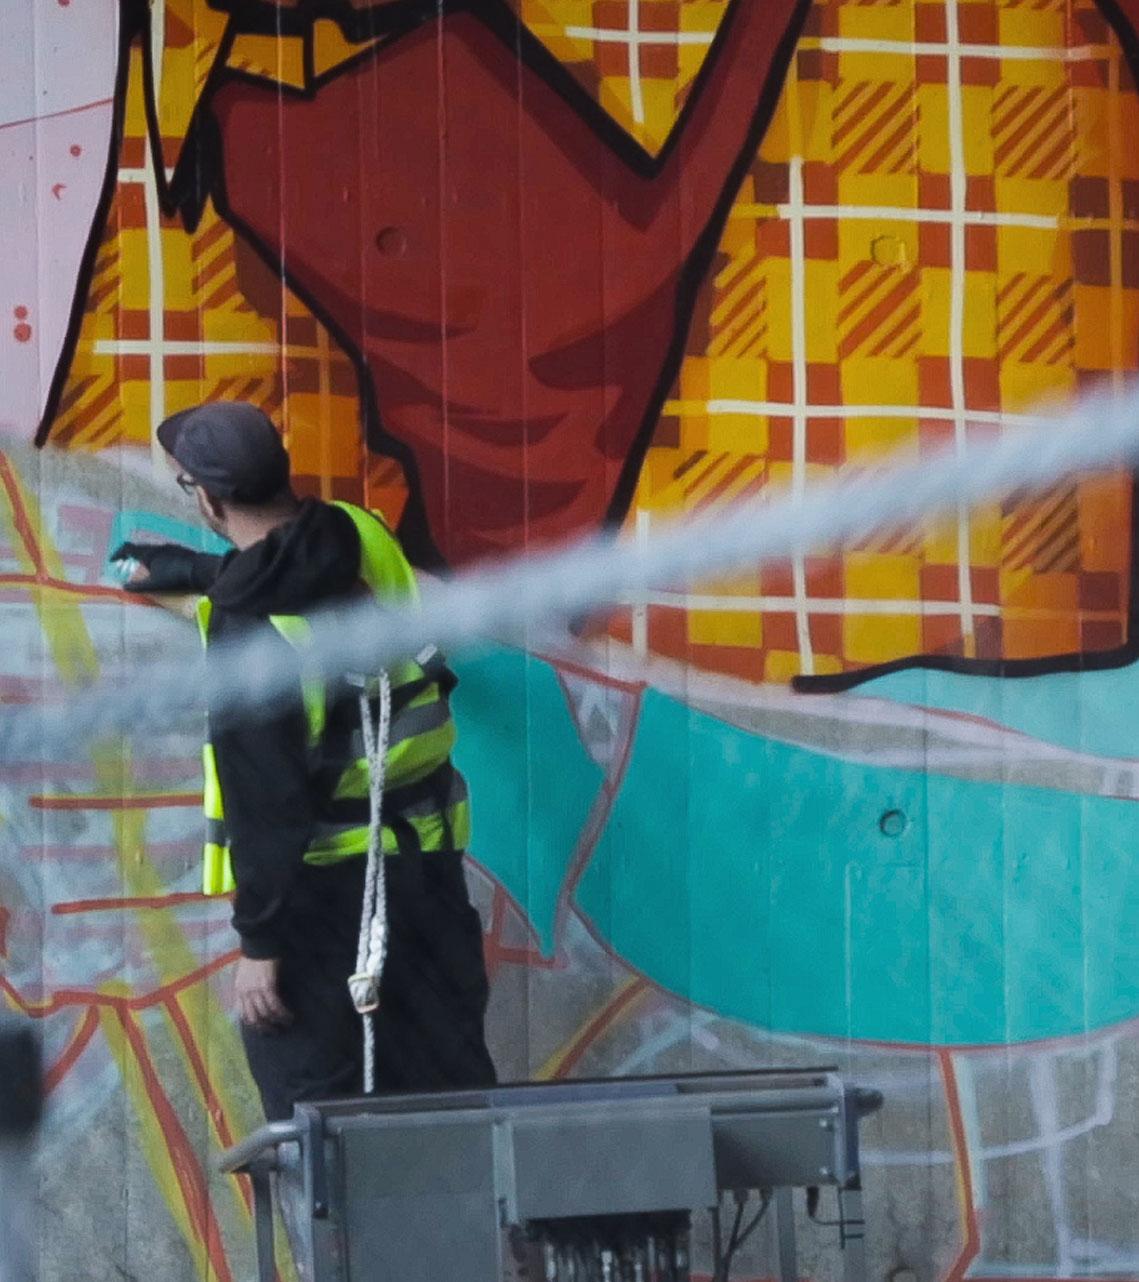 Alex Odisy tattoo artist painting graffiti mural